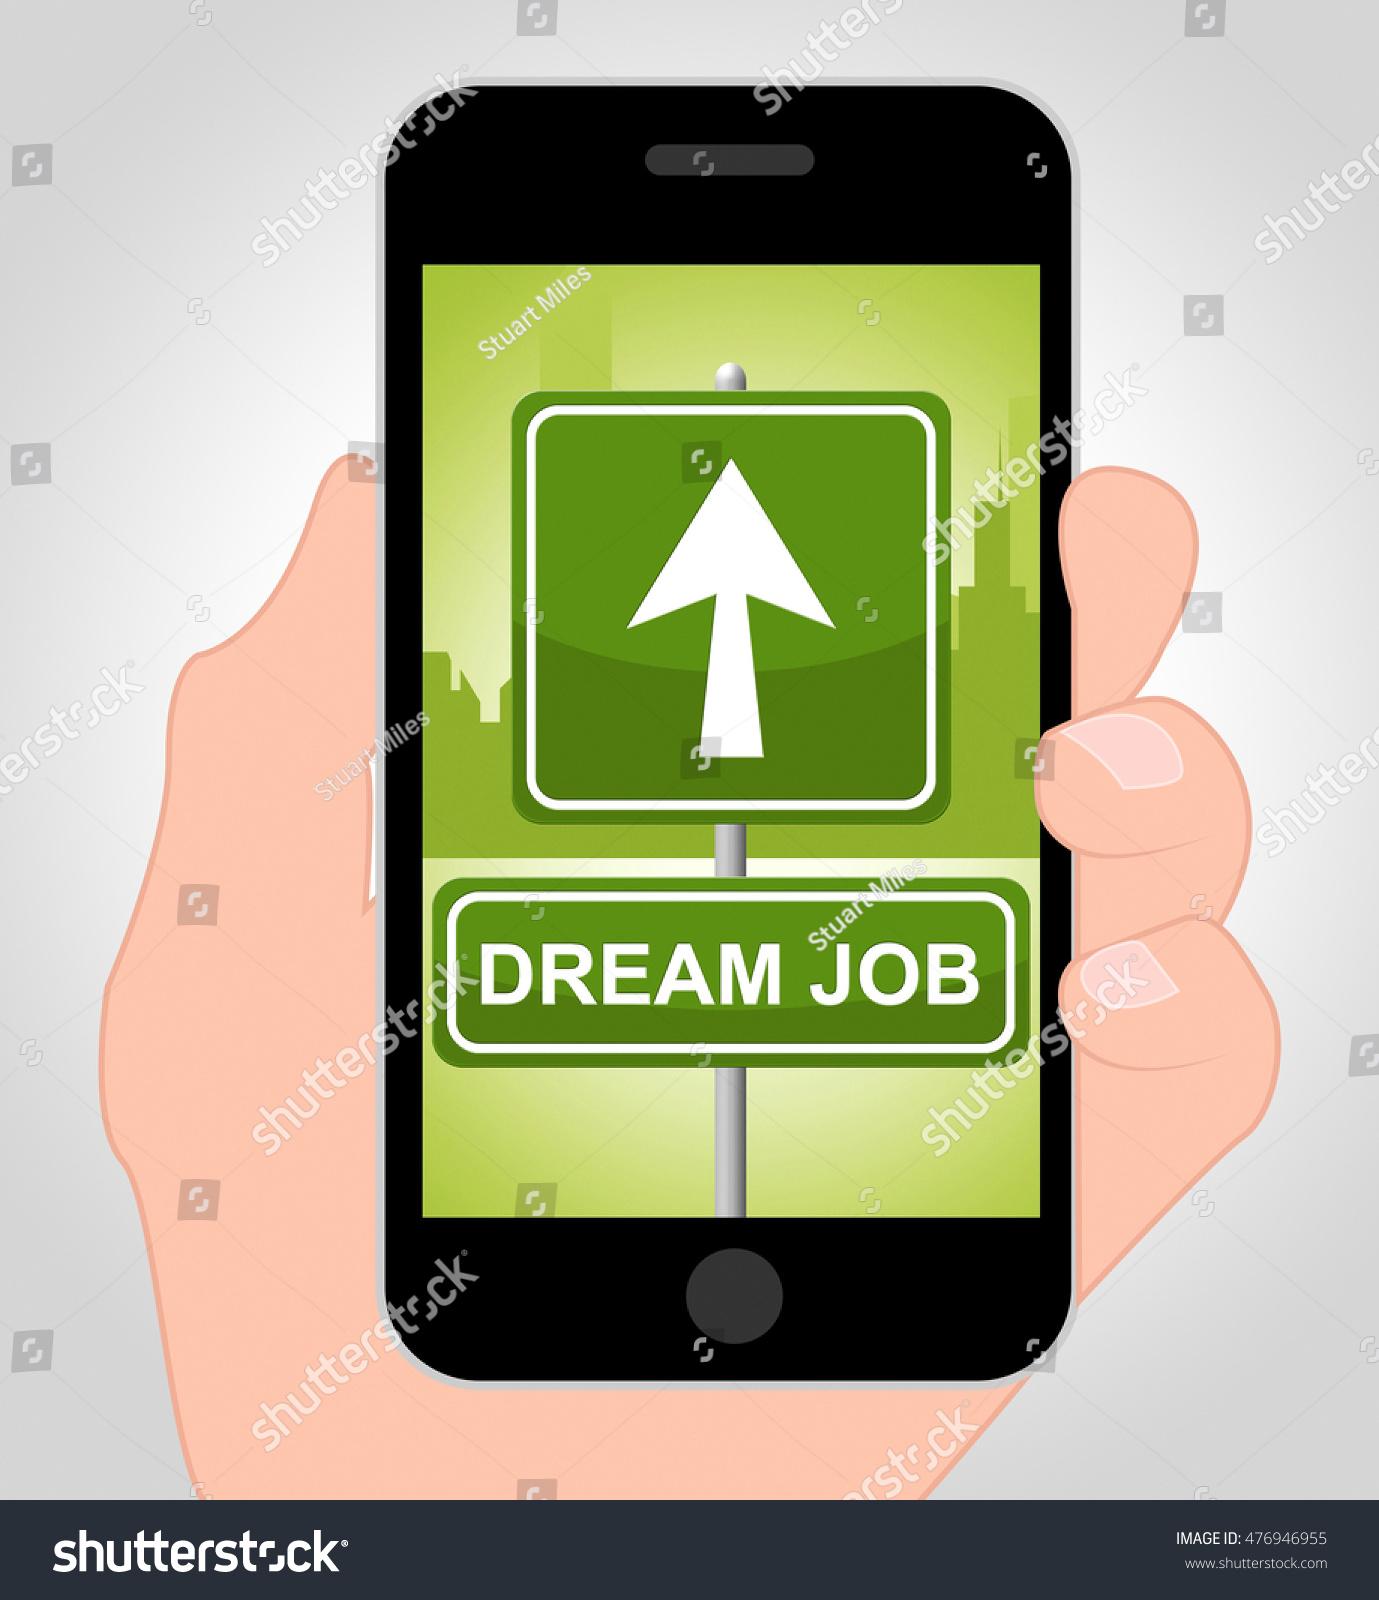 dream job online showing top job stock illustration  dream job online showing top job 3d illustration